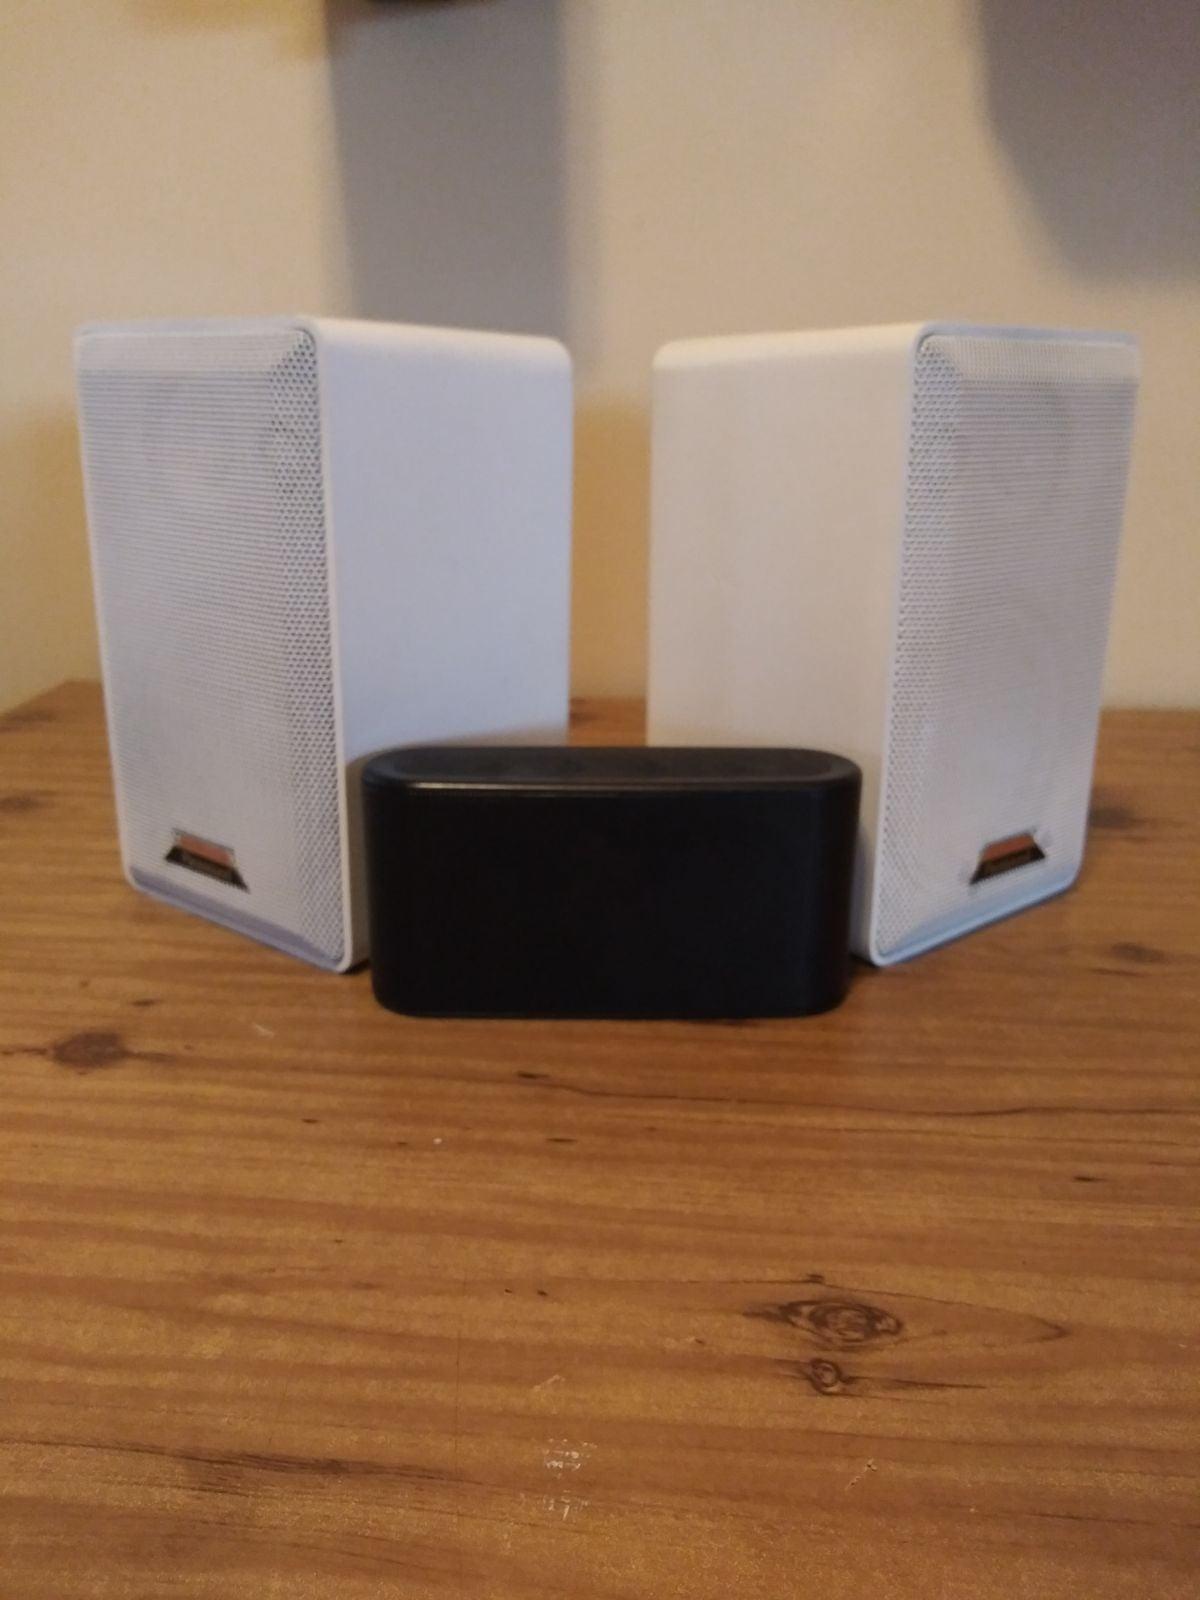 Indoor/outdoor KLH water proof speakers